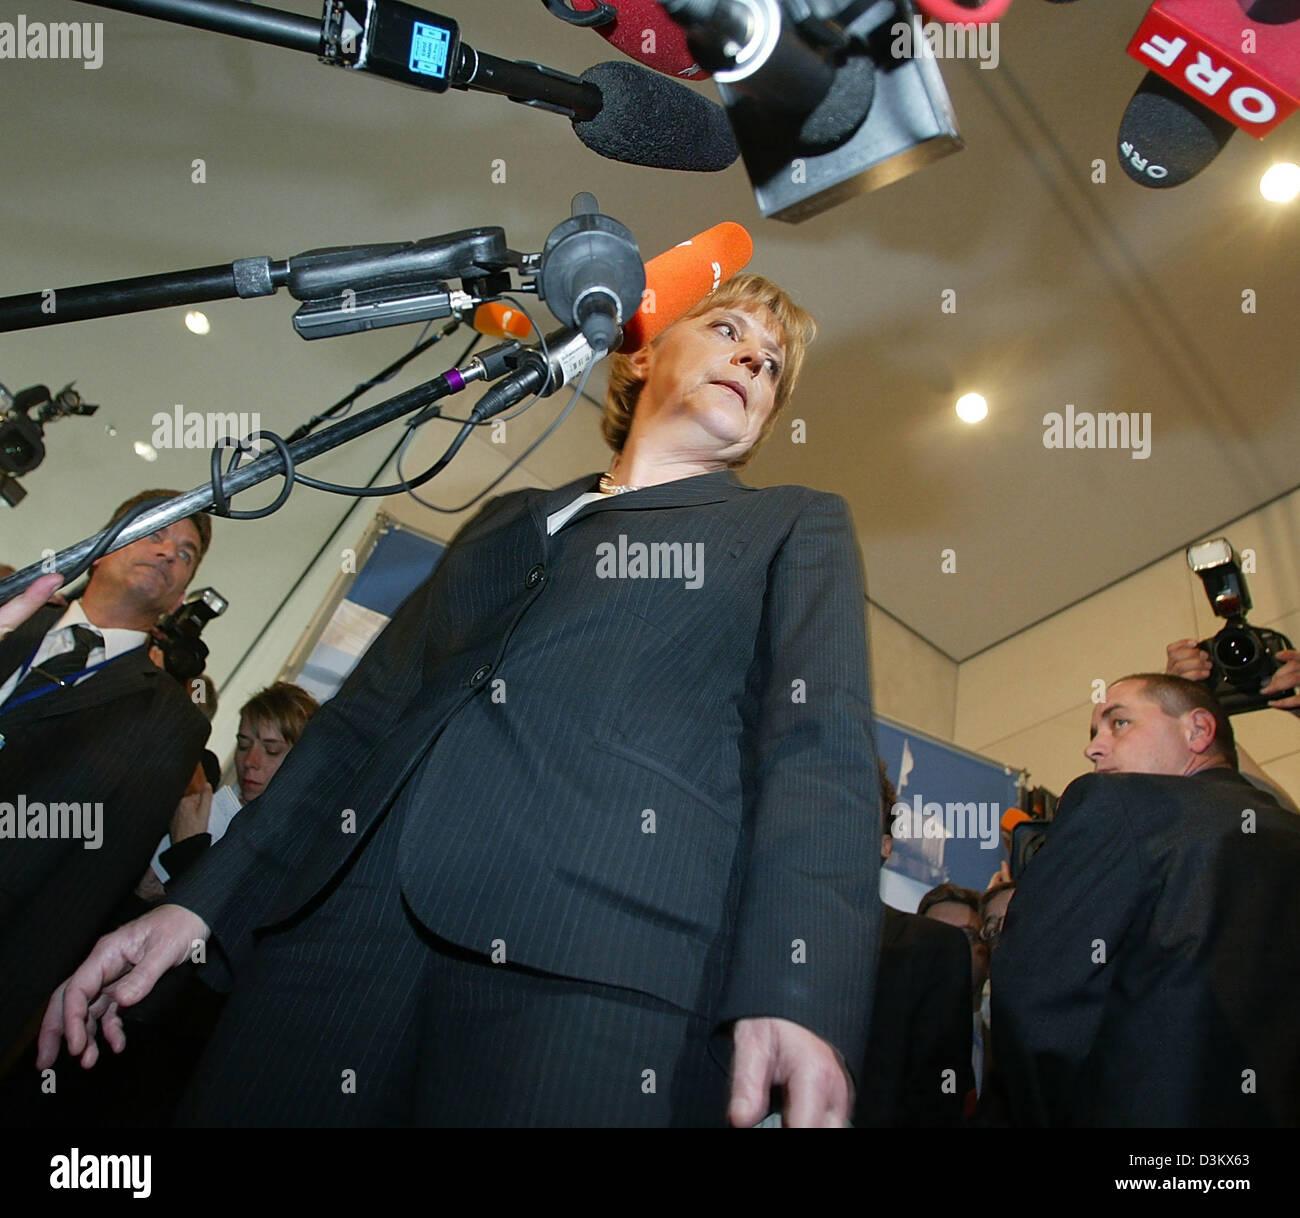 (Dpa) - Angela Merkel (C), Vorsitzende der CDU und Bundeskanzlerin Kandidaten stehen vor einer Reihe von Mikrofonen trotz der Woche Ergebnisse bei den allgemeinen Wahlen für den Deutschen Bundestag, Merkel wurde von ihrer Partei als der Vorsitzende der CDU/CSU-Fraktion mit überwältigender Mehrheit wiedergewählt. Sie erhielt 98,6 Prozent der Stimmen, markieren ihre besten Resultate so weit, die ihr ermöglichte Stockfoto